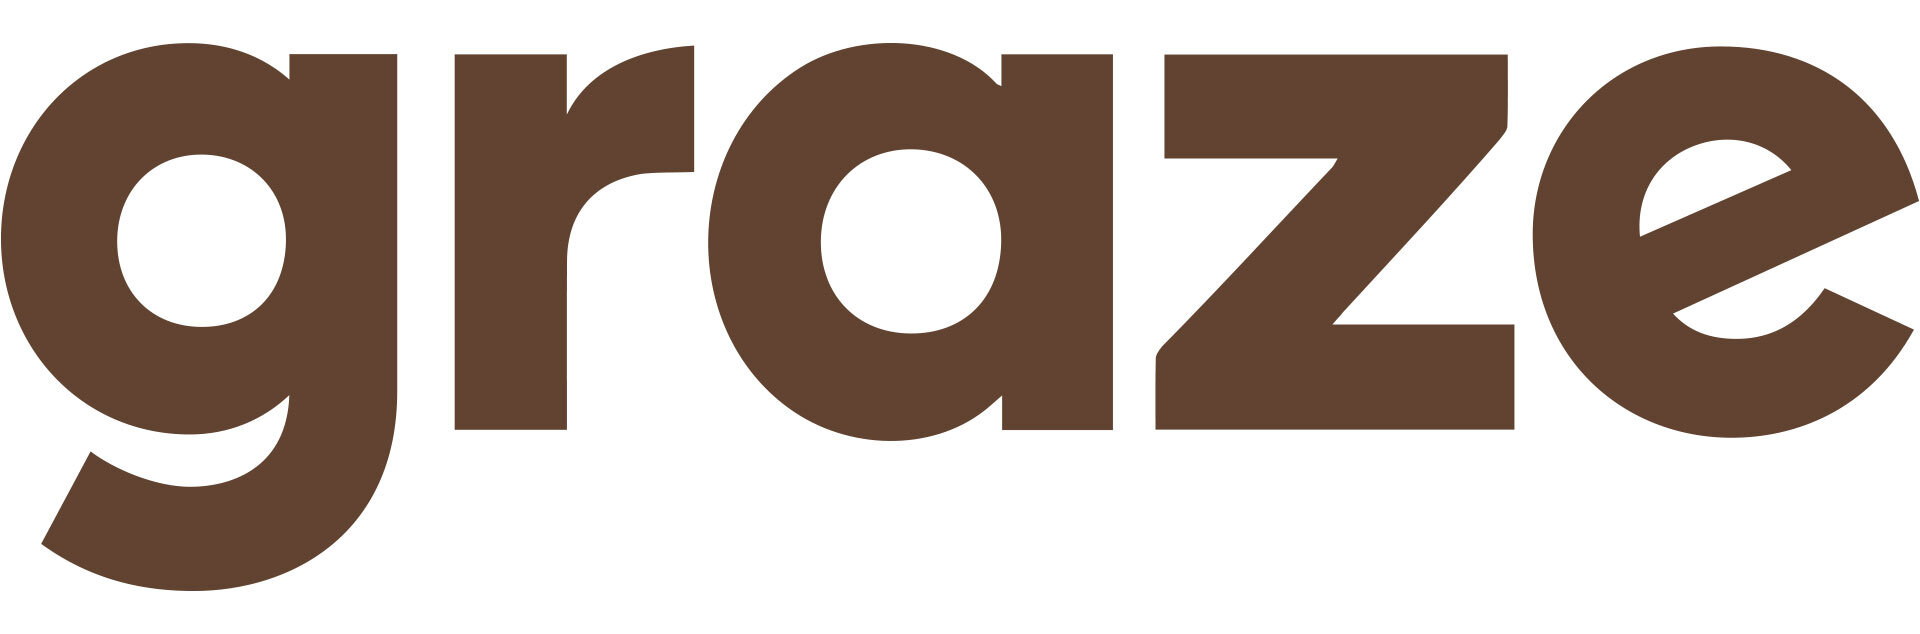 graze_press_logo2_banner.jpg